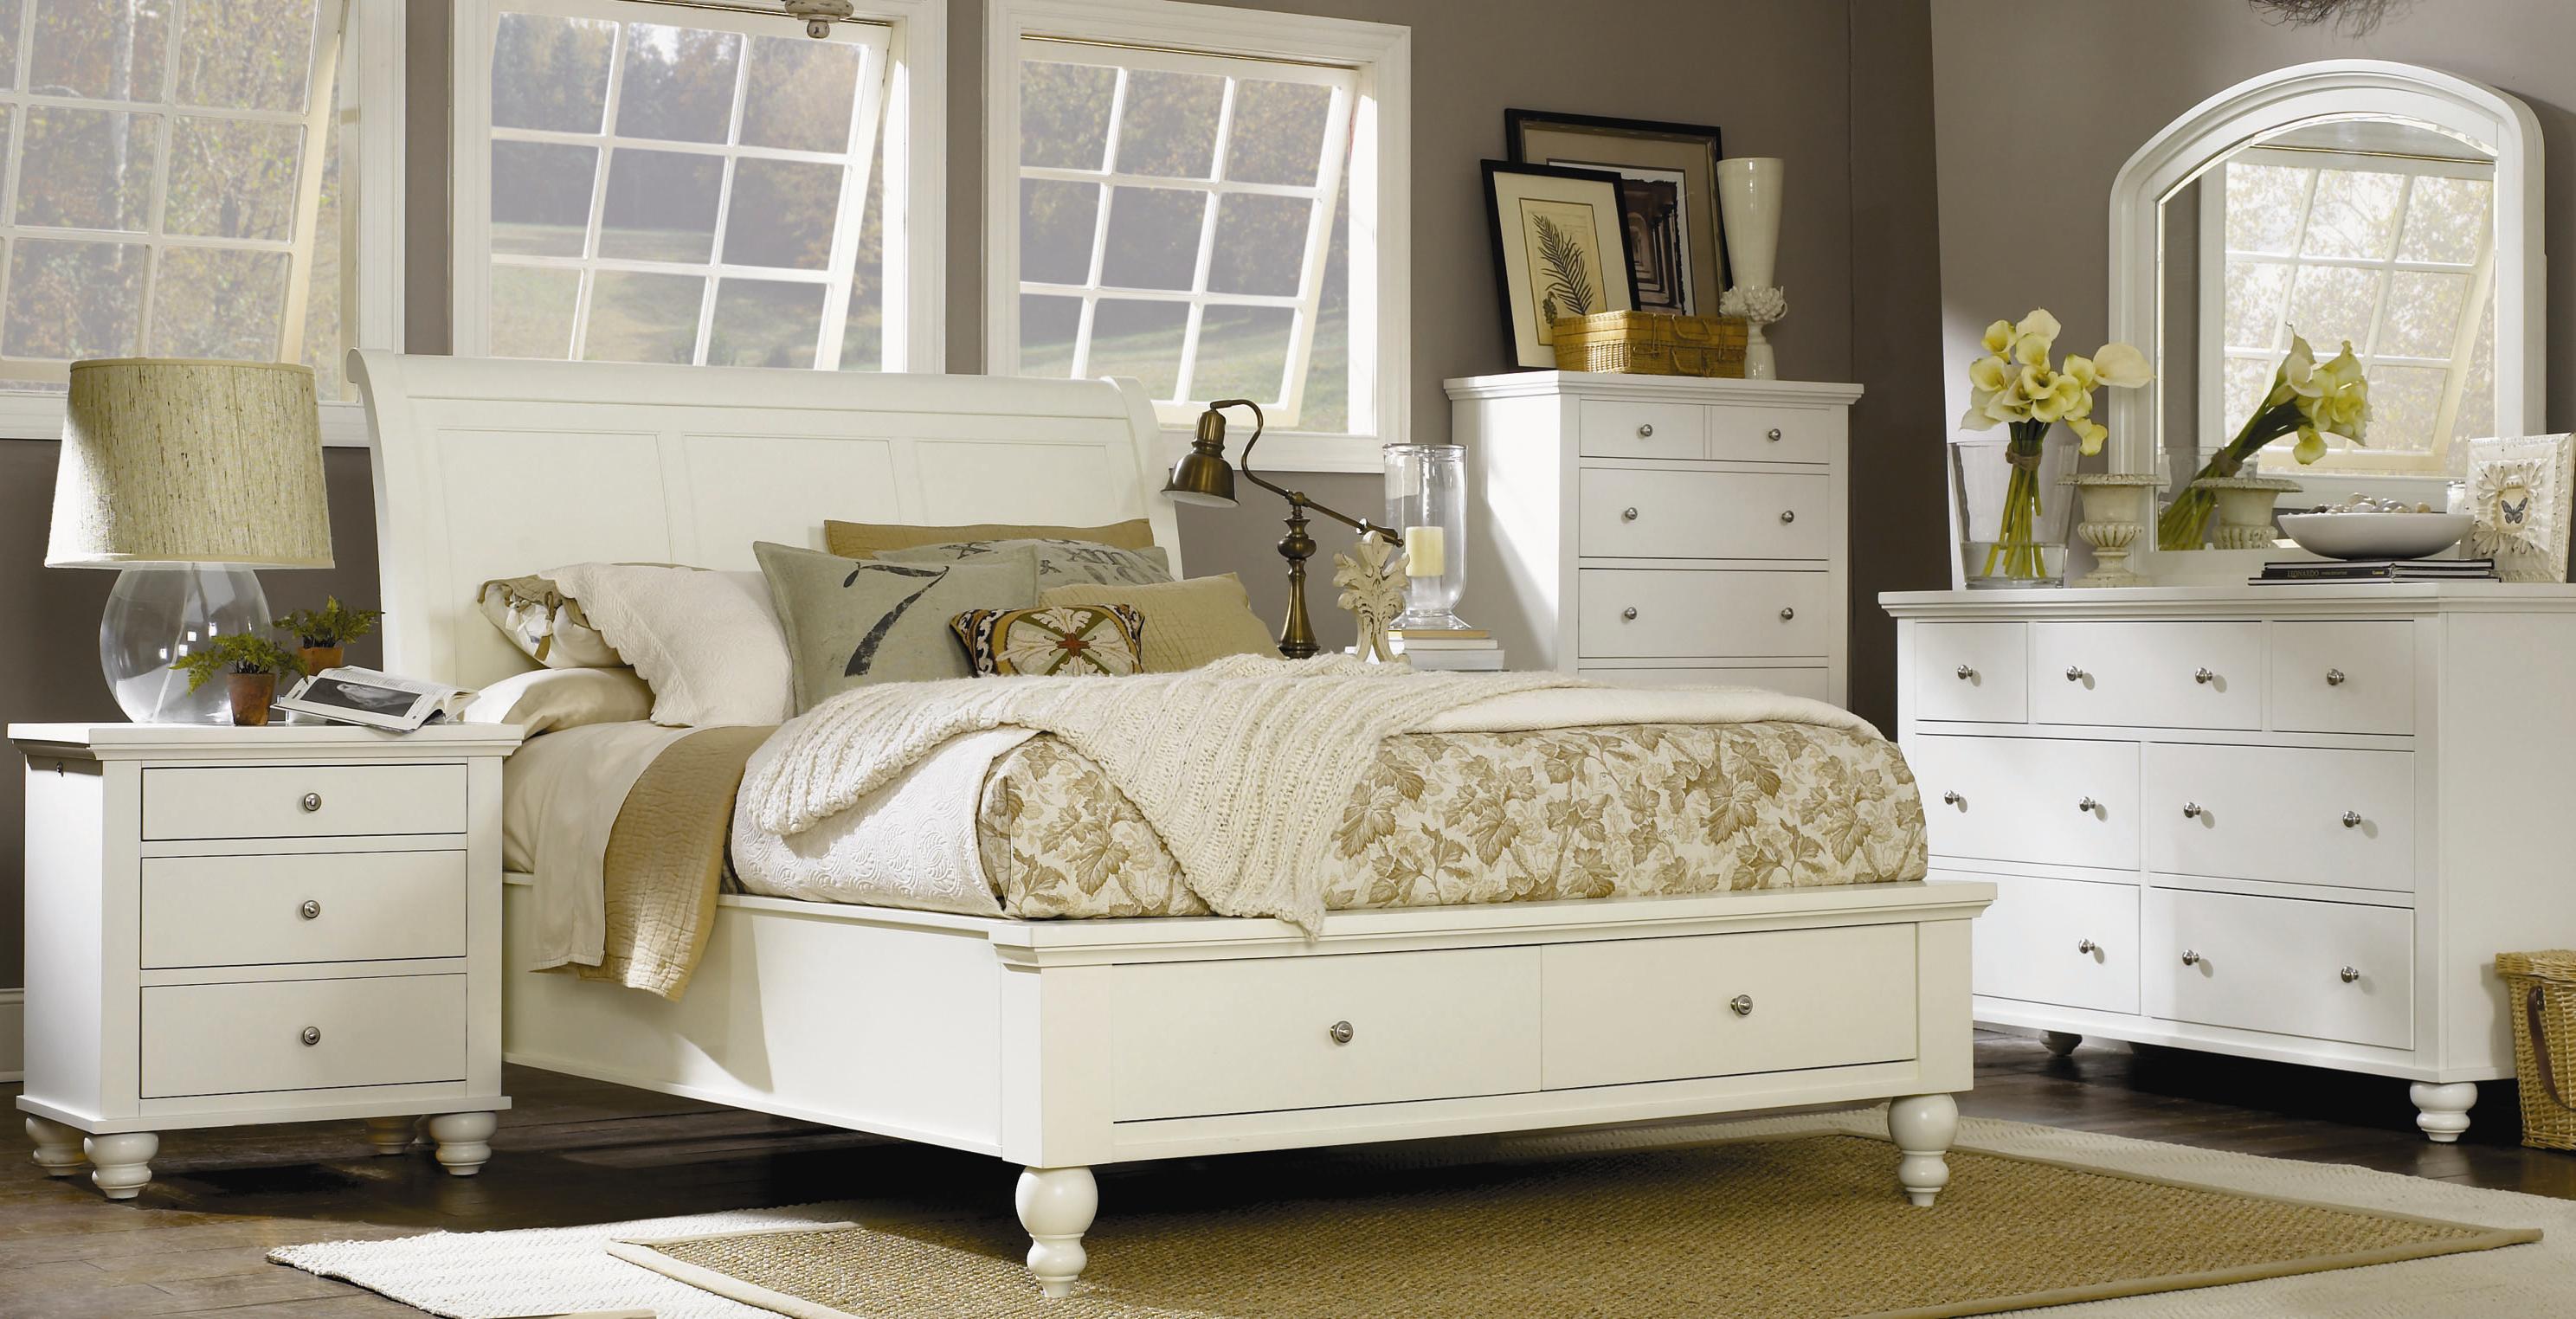 Aspenhome Cambridge Queen Bedroom Group Belfort Furniture Bedroom Group